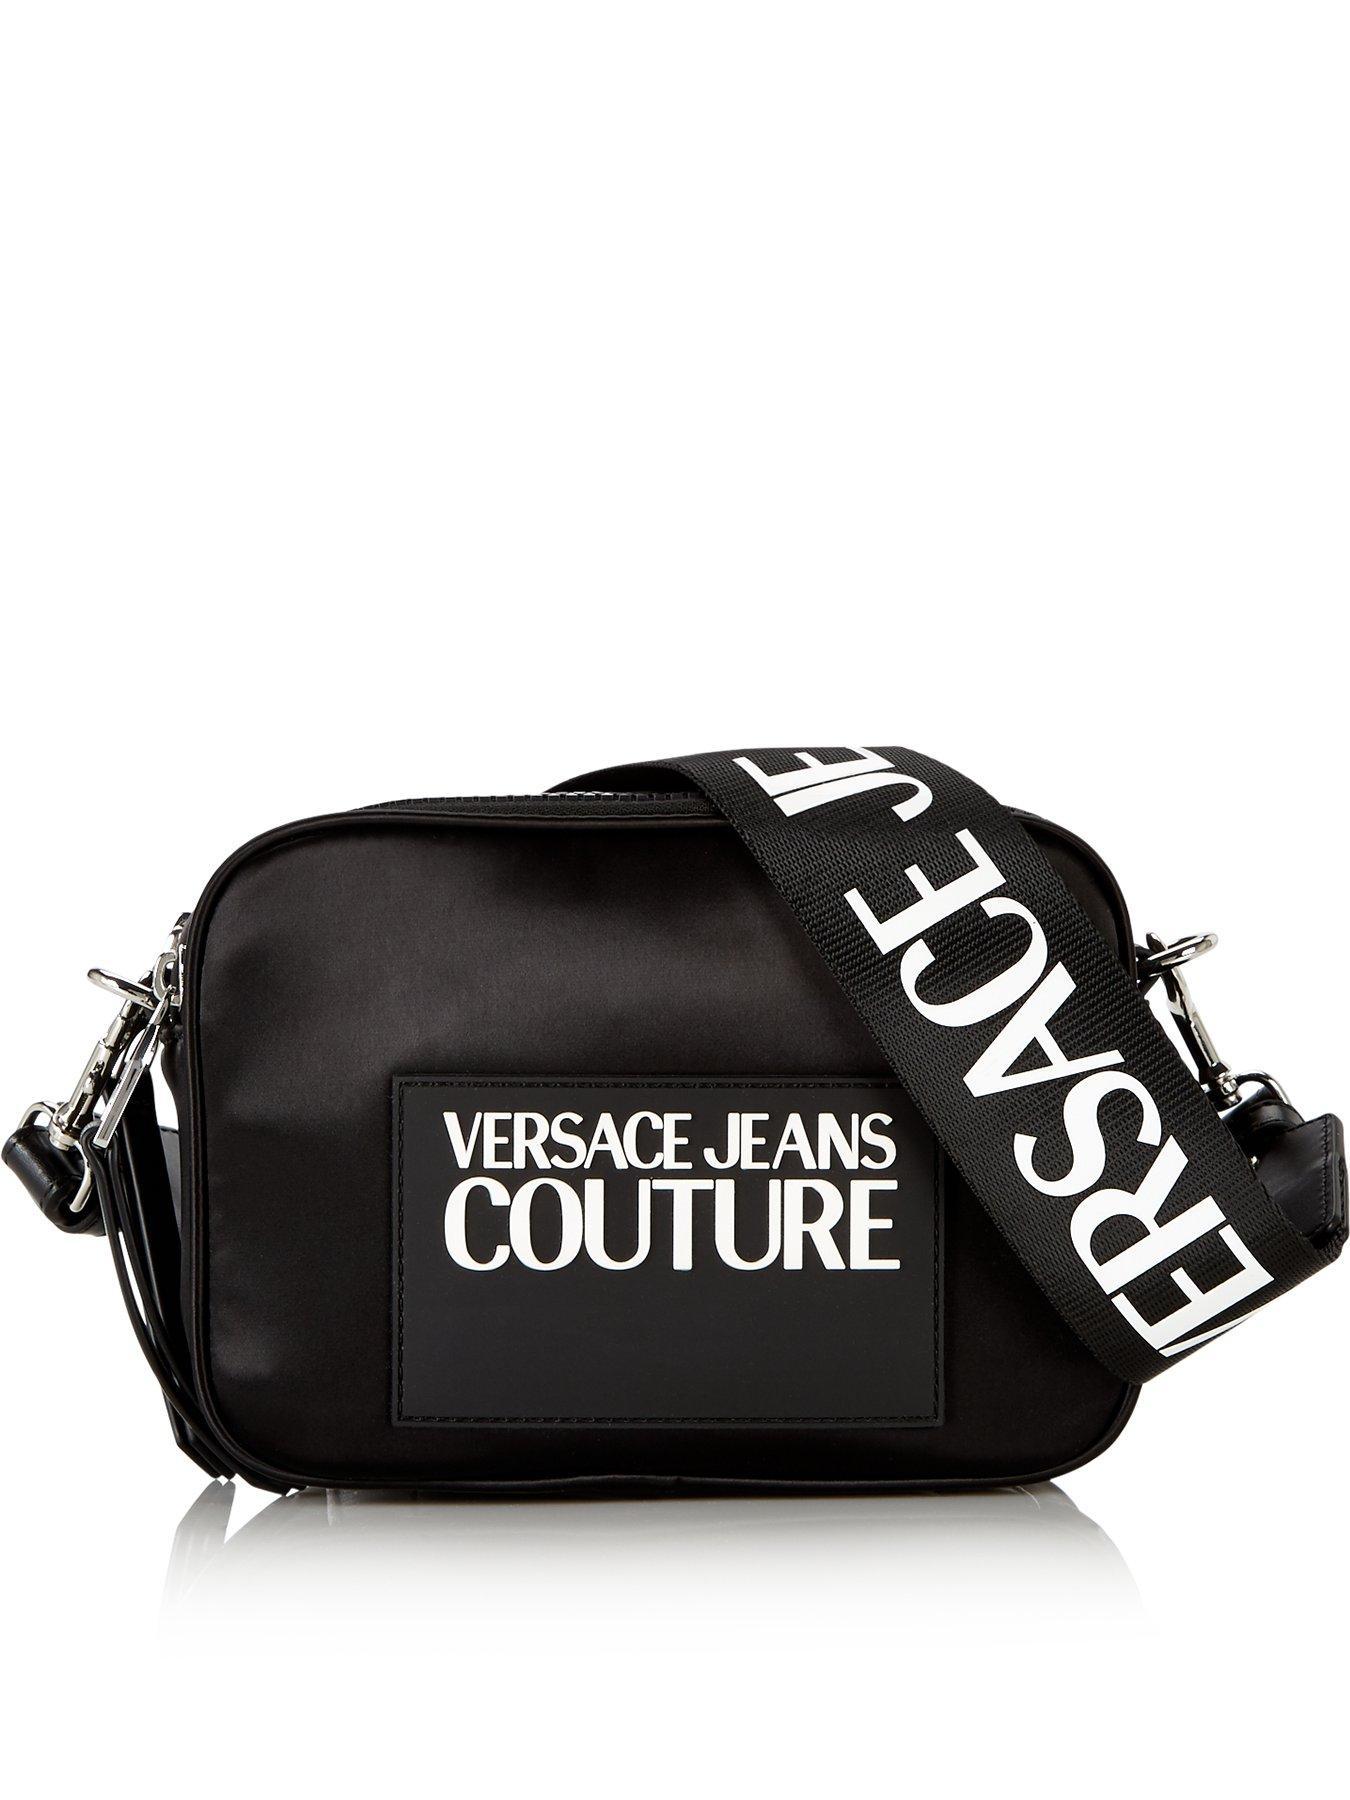 ladies versace jeans bags